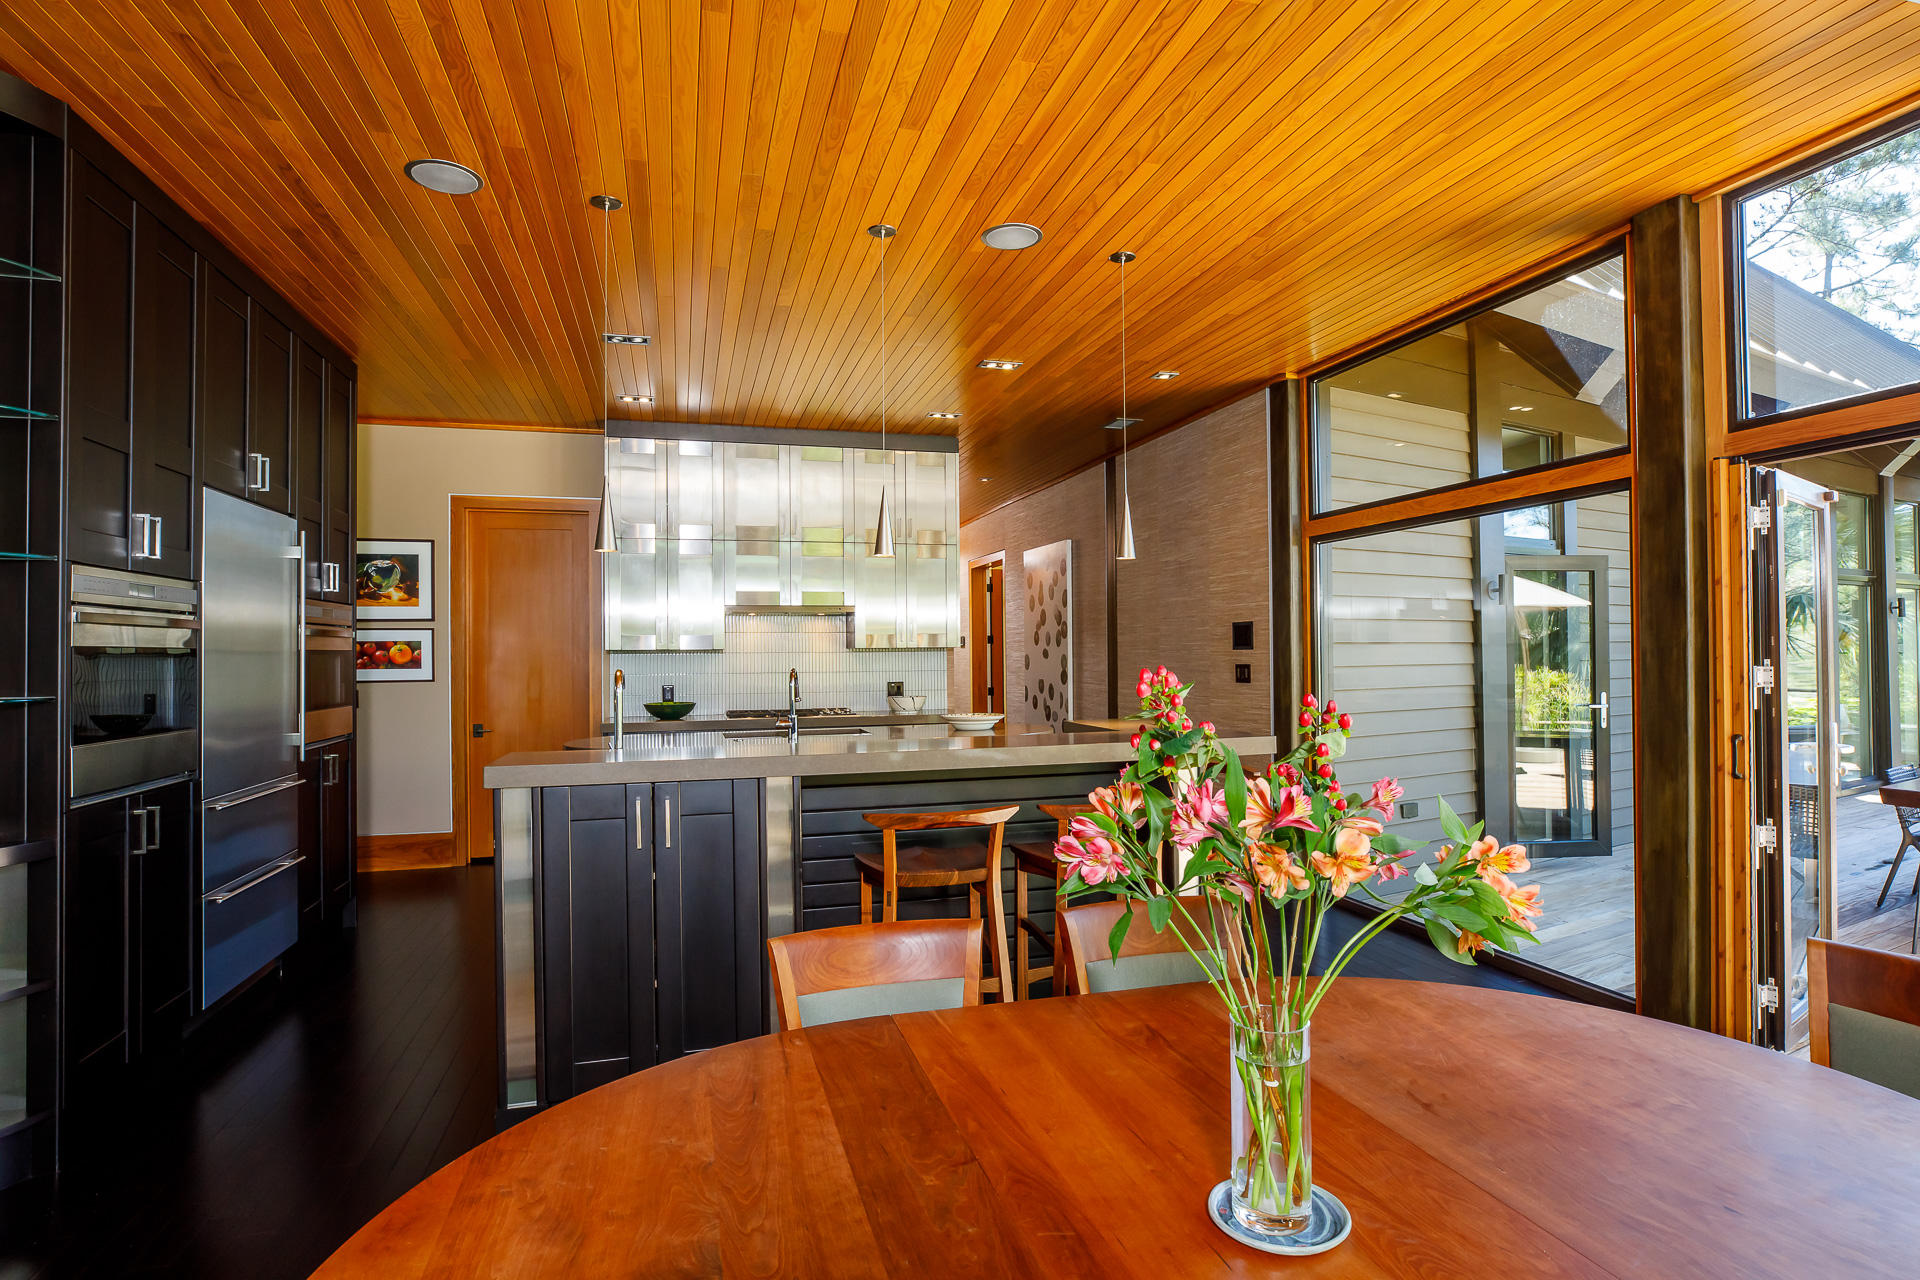 Kiawah Island Homes For Sale - 102 Blue Heron Pond, Kiawah Island, SC - 48